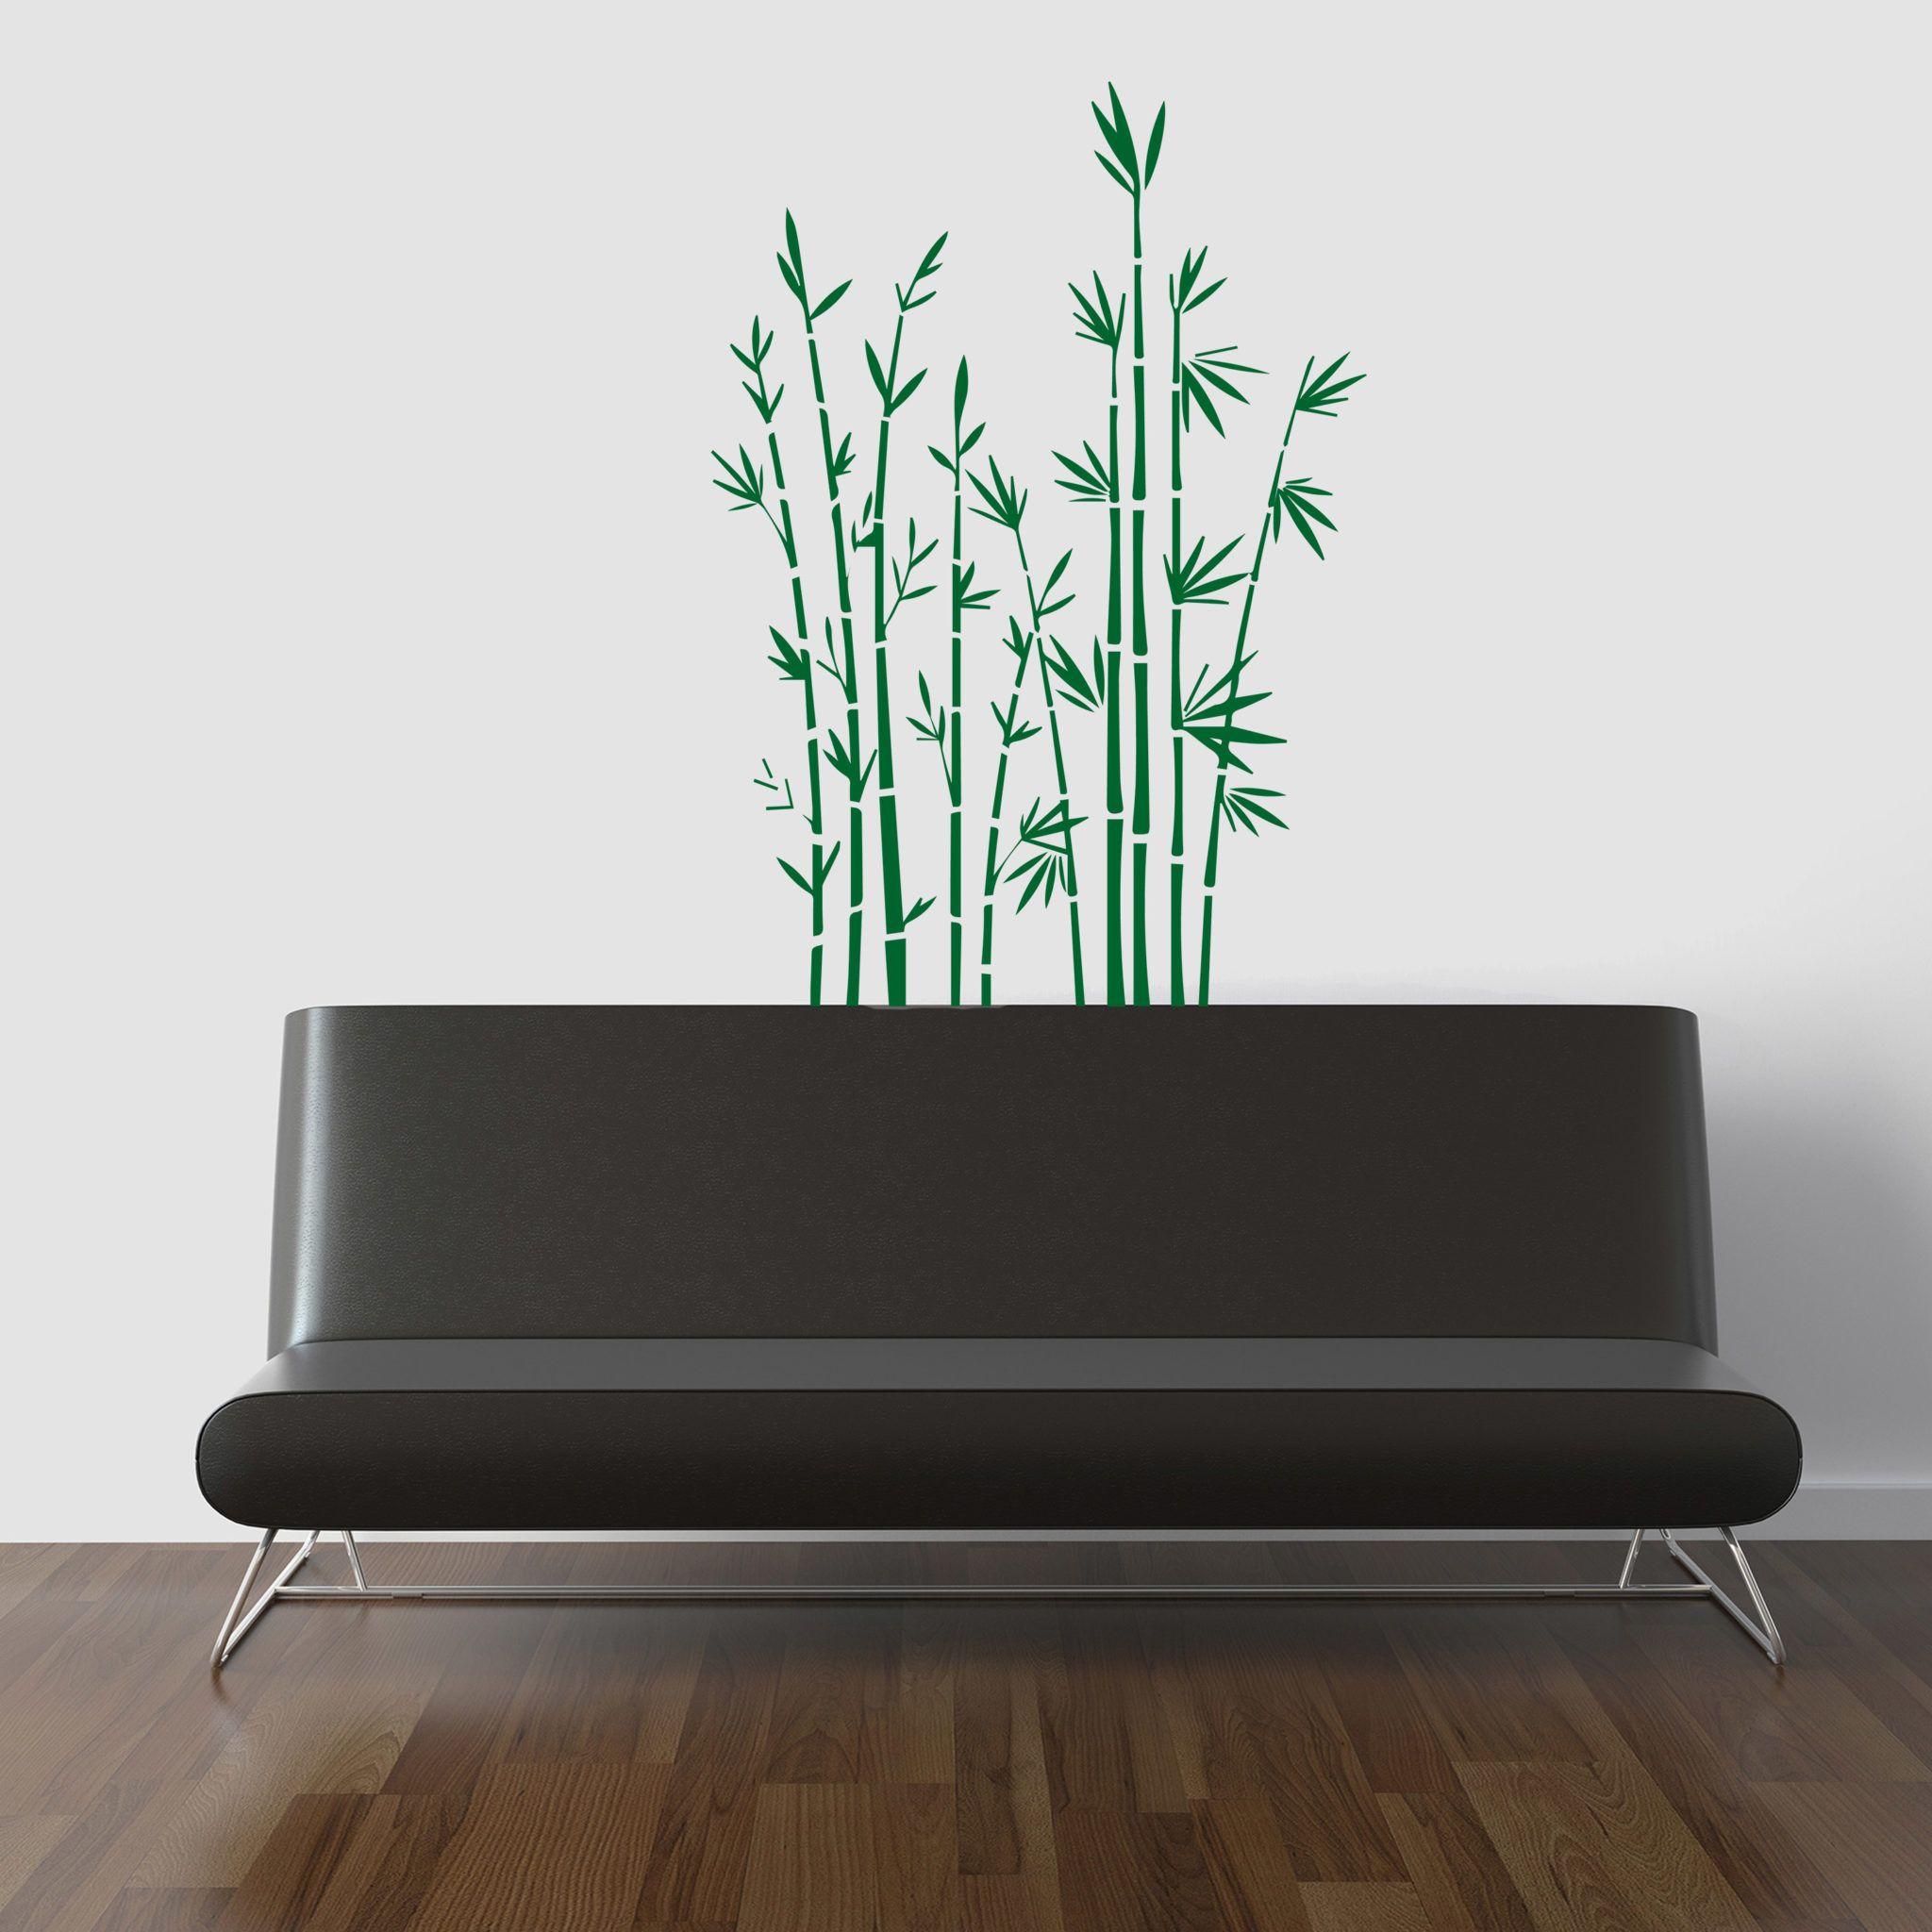 Bamb Zen Vinilos Decorativos Fotomurales Adhesivos Medell n